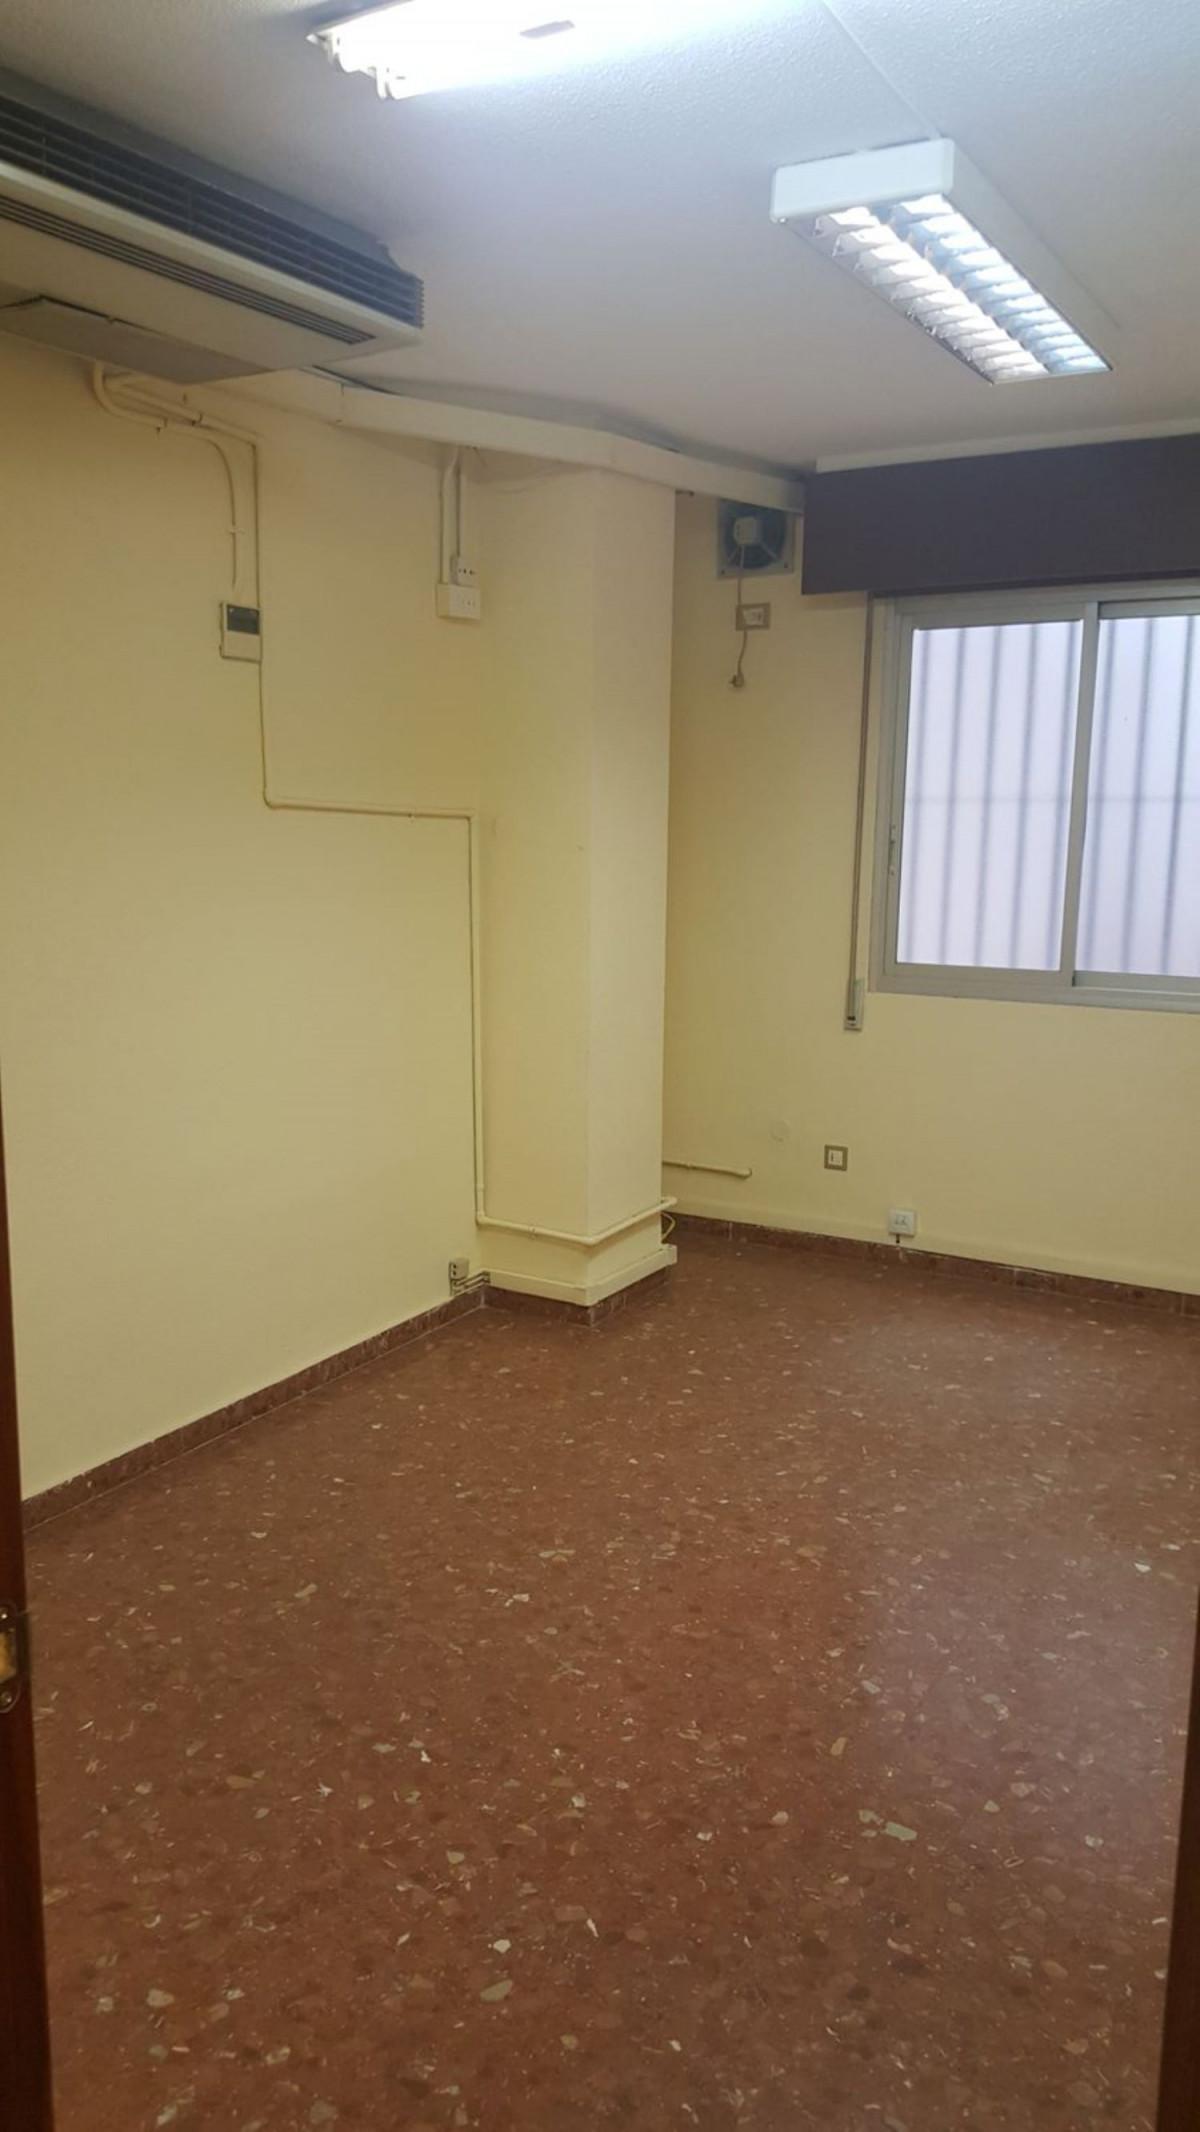 Alquiler de oficina en valencia - imagenInmueble33